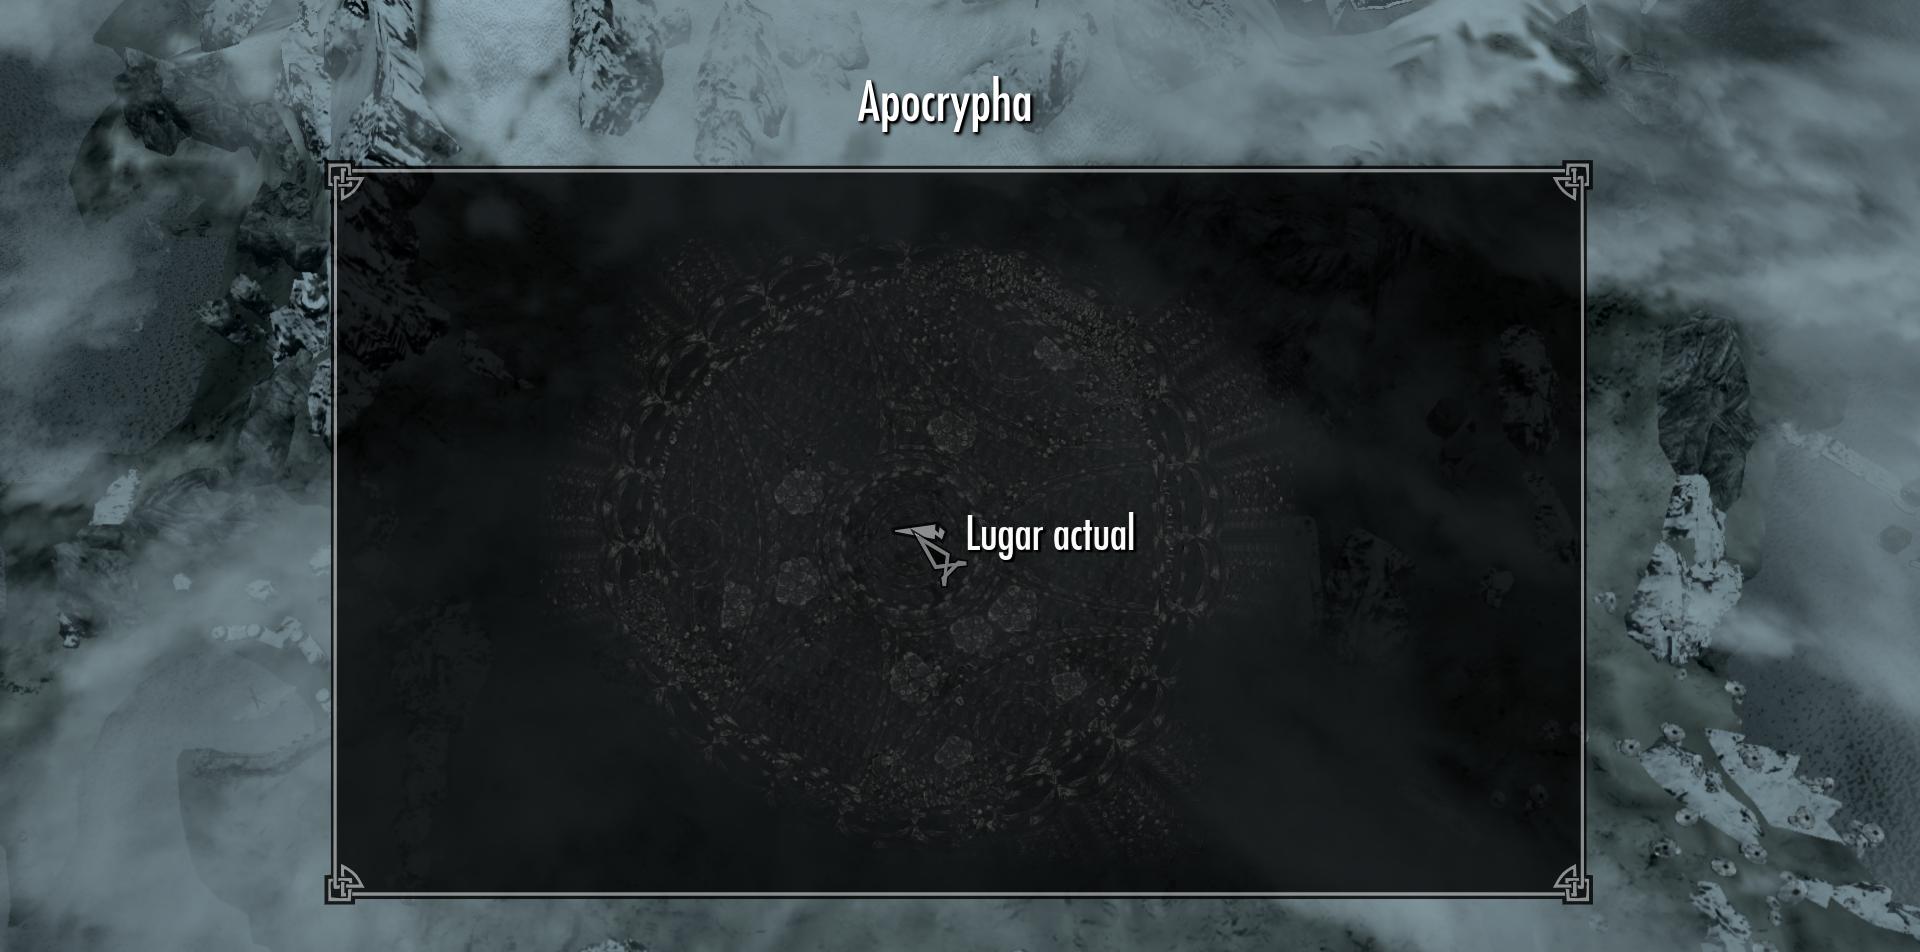 Apocrypha (Dragonborn)